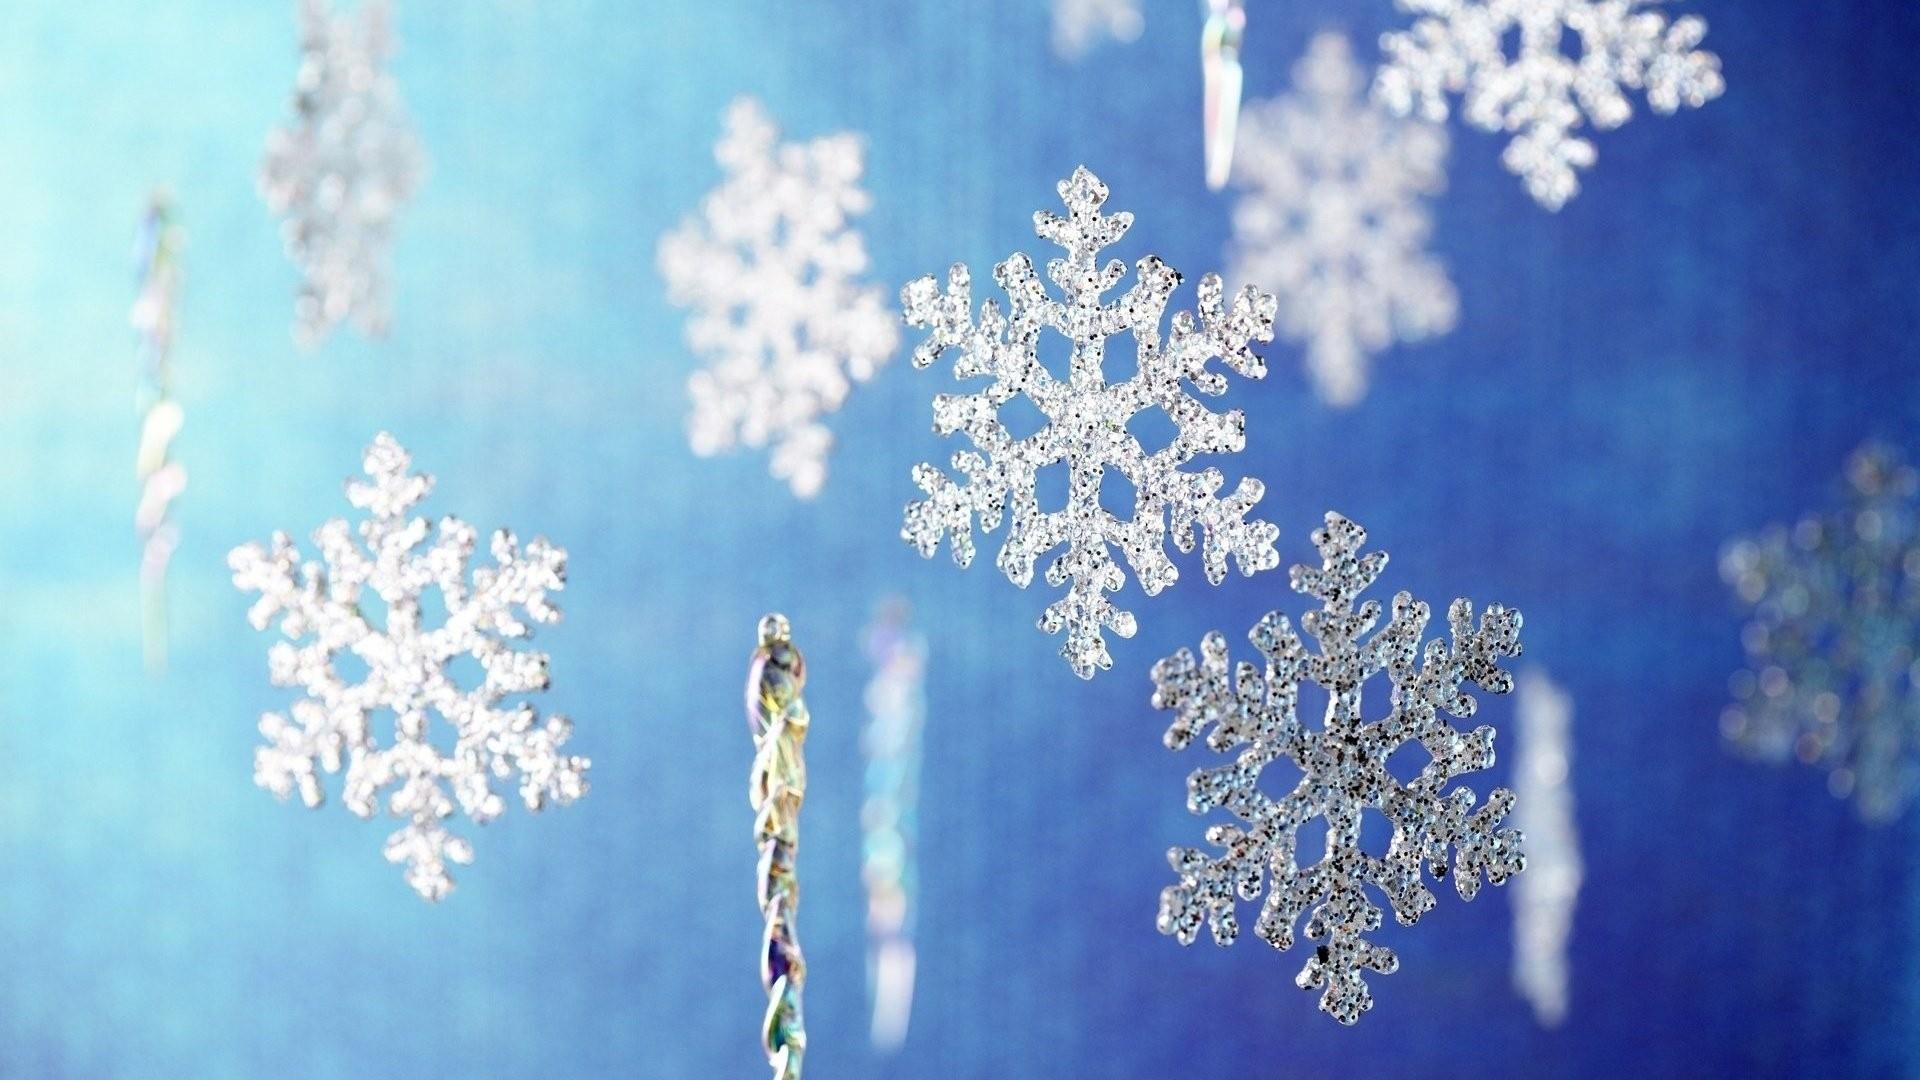 Snowflake Wallpaper 1920x1080